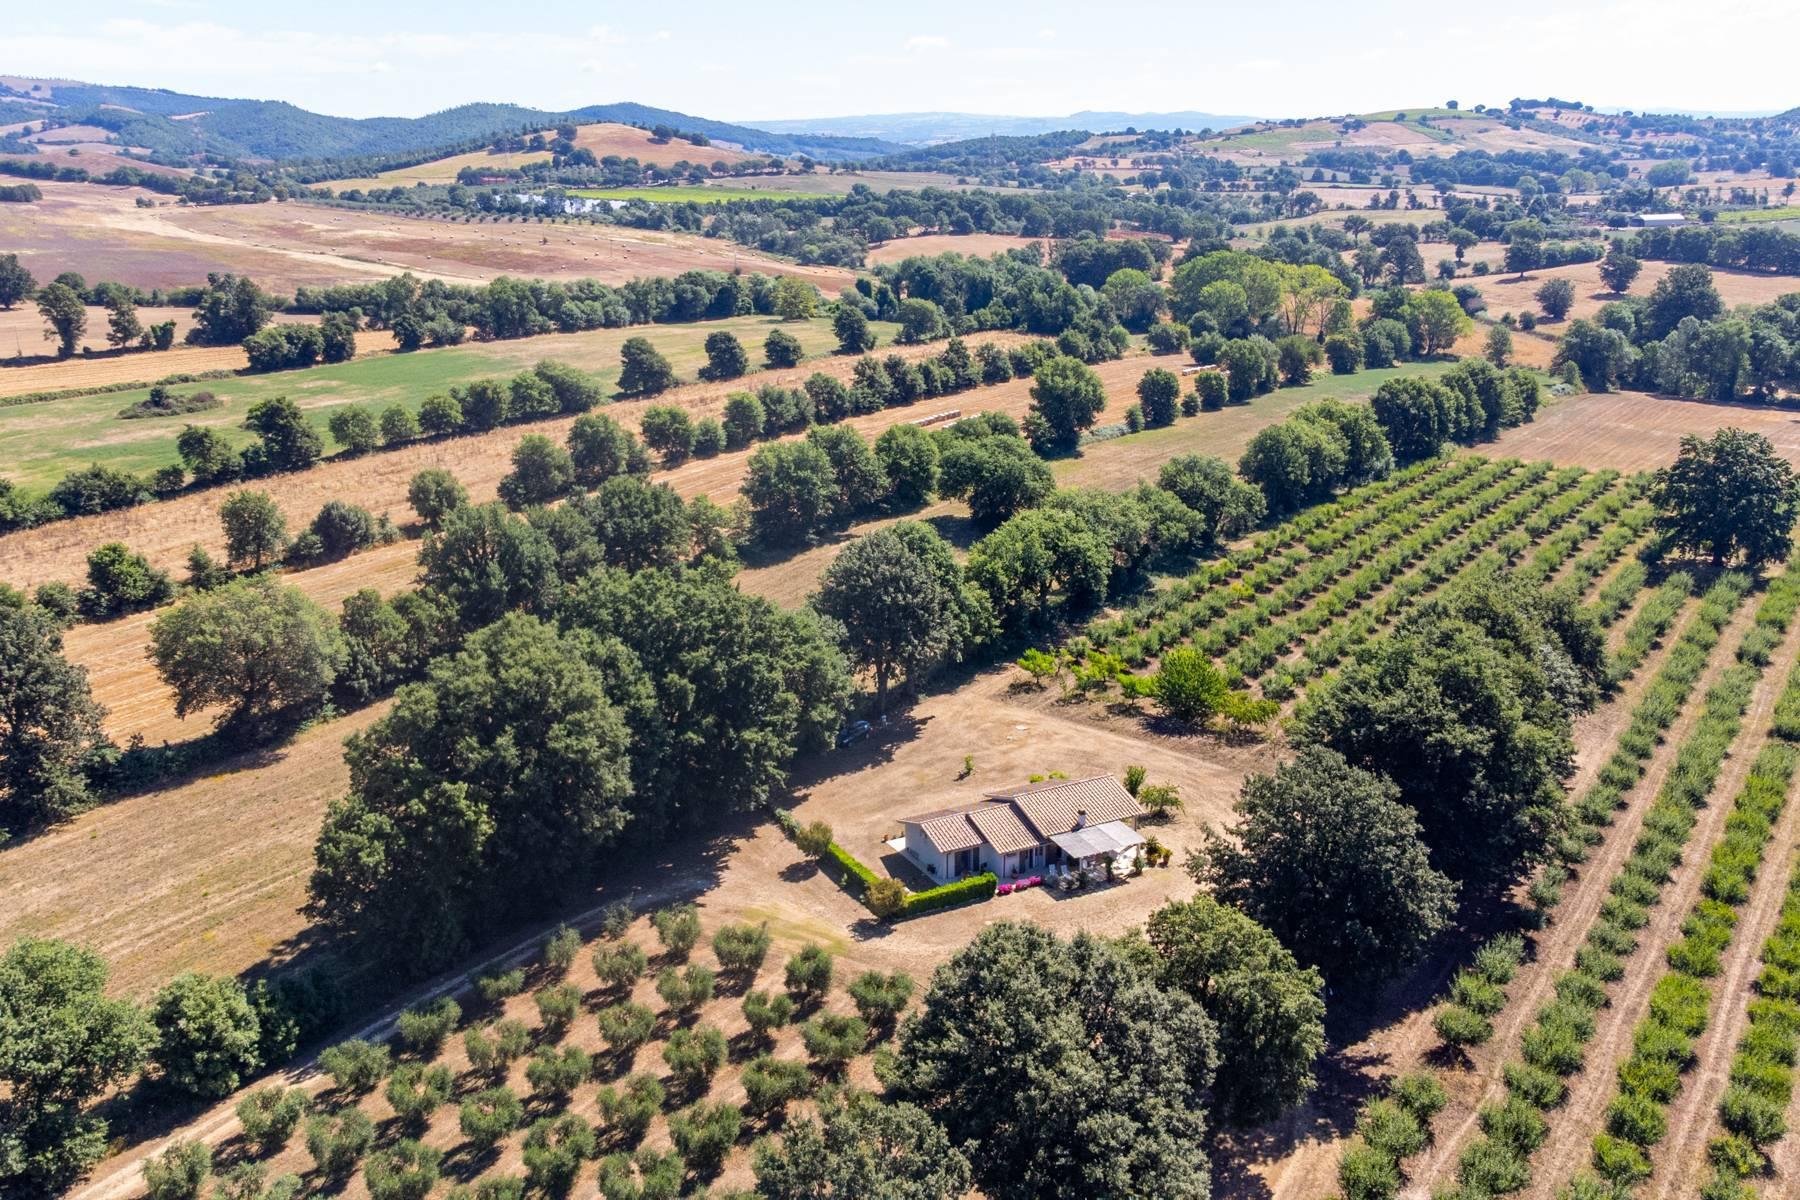 Wunderschönes Anwesen im Grünen, nur einen Steinwurf von Manciano entfernt - 5